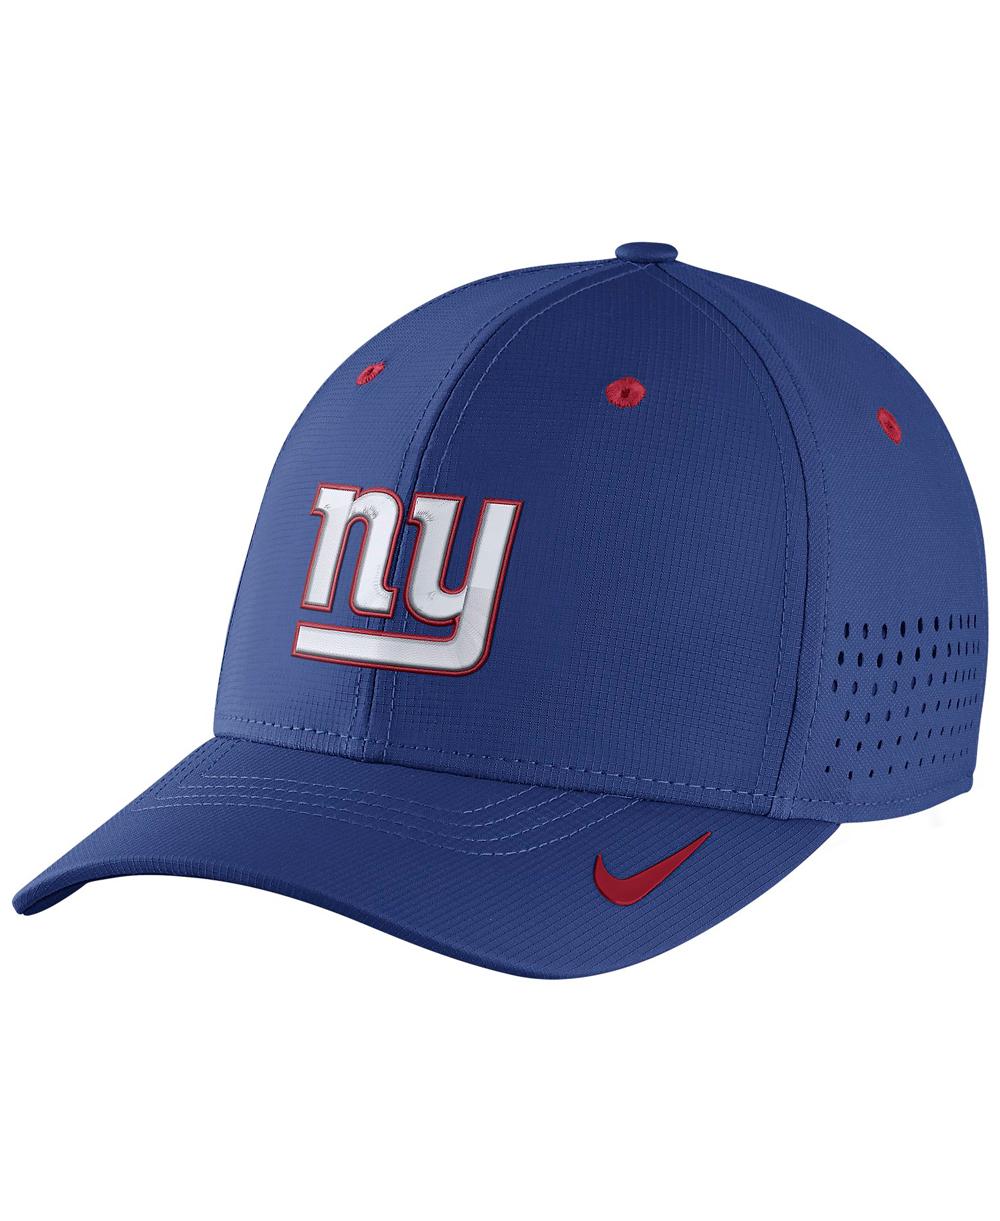 Men's Cap Legacy Vapor Swoosh Flex NFL Giants